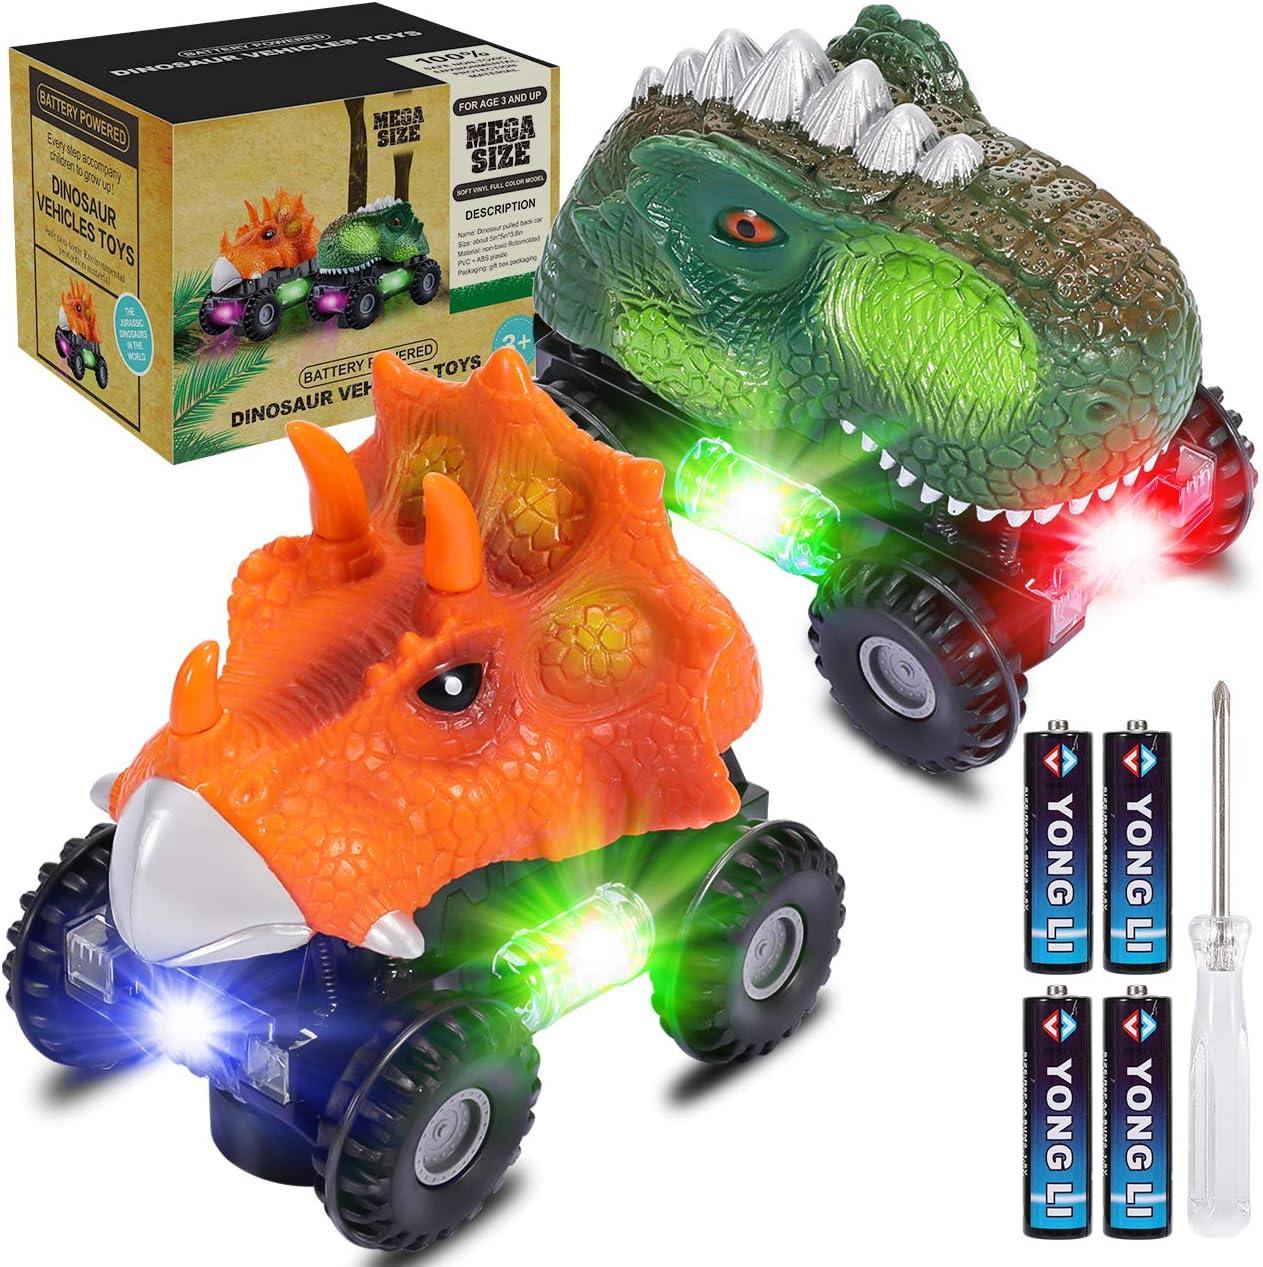 joylink Dinosaurio Coche, 2 Pcs Juguetes de Dinosaurios Coche con Luces LED y Sonido Realista Dinosaurio Juguete Coche Regalos de Cumpleaños para Niños Juguetes para Niñas de 3-8 Años